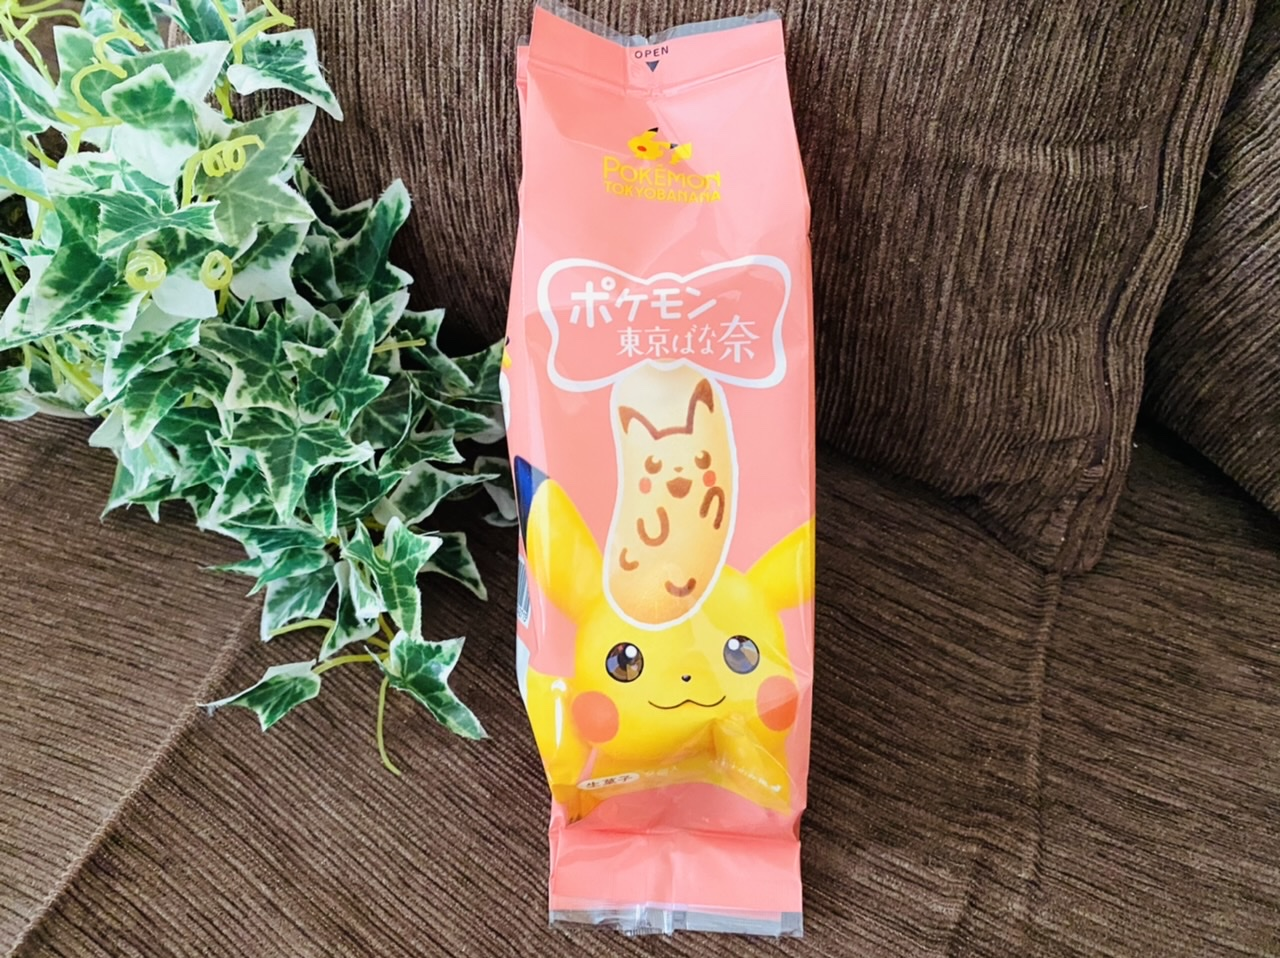 【セブンイレブン】大反響!超かわいい♡ピカチュウが《東京バナナ》になっちゃった★_1